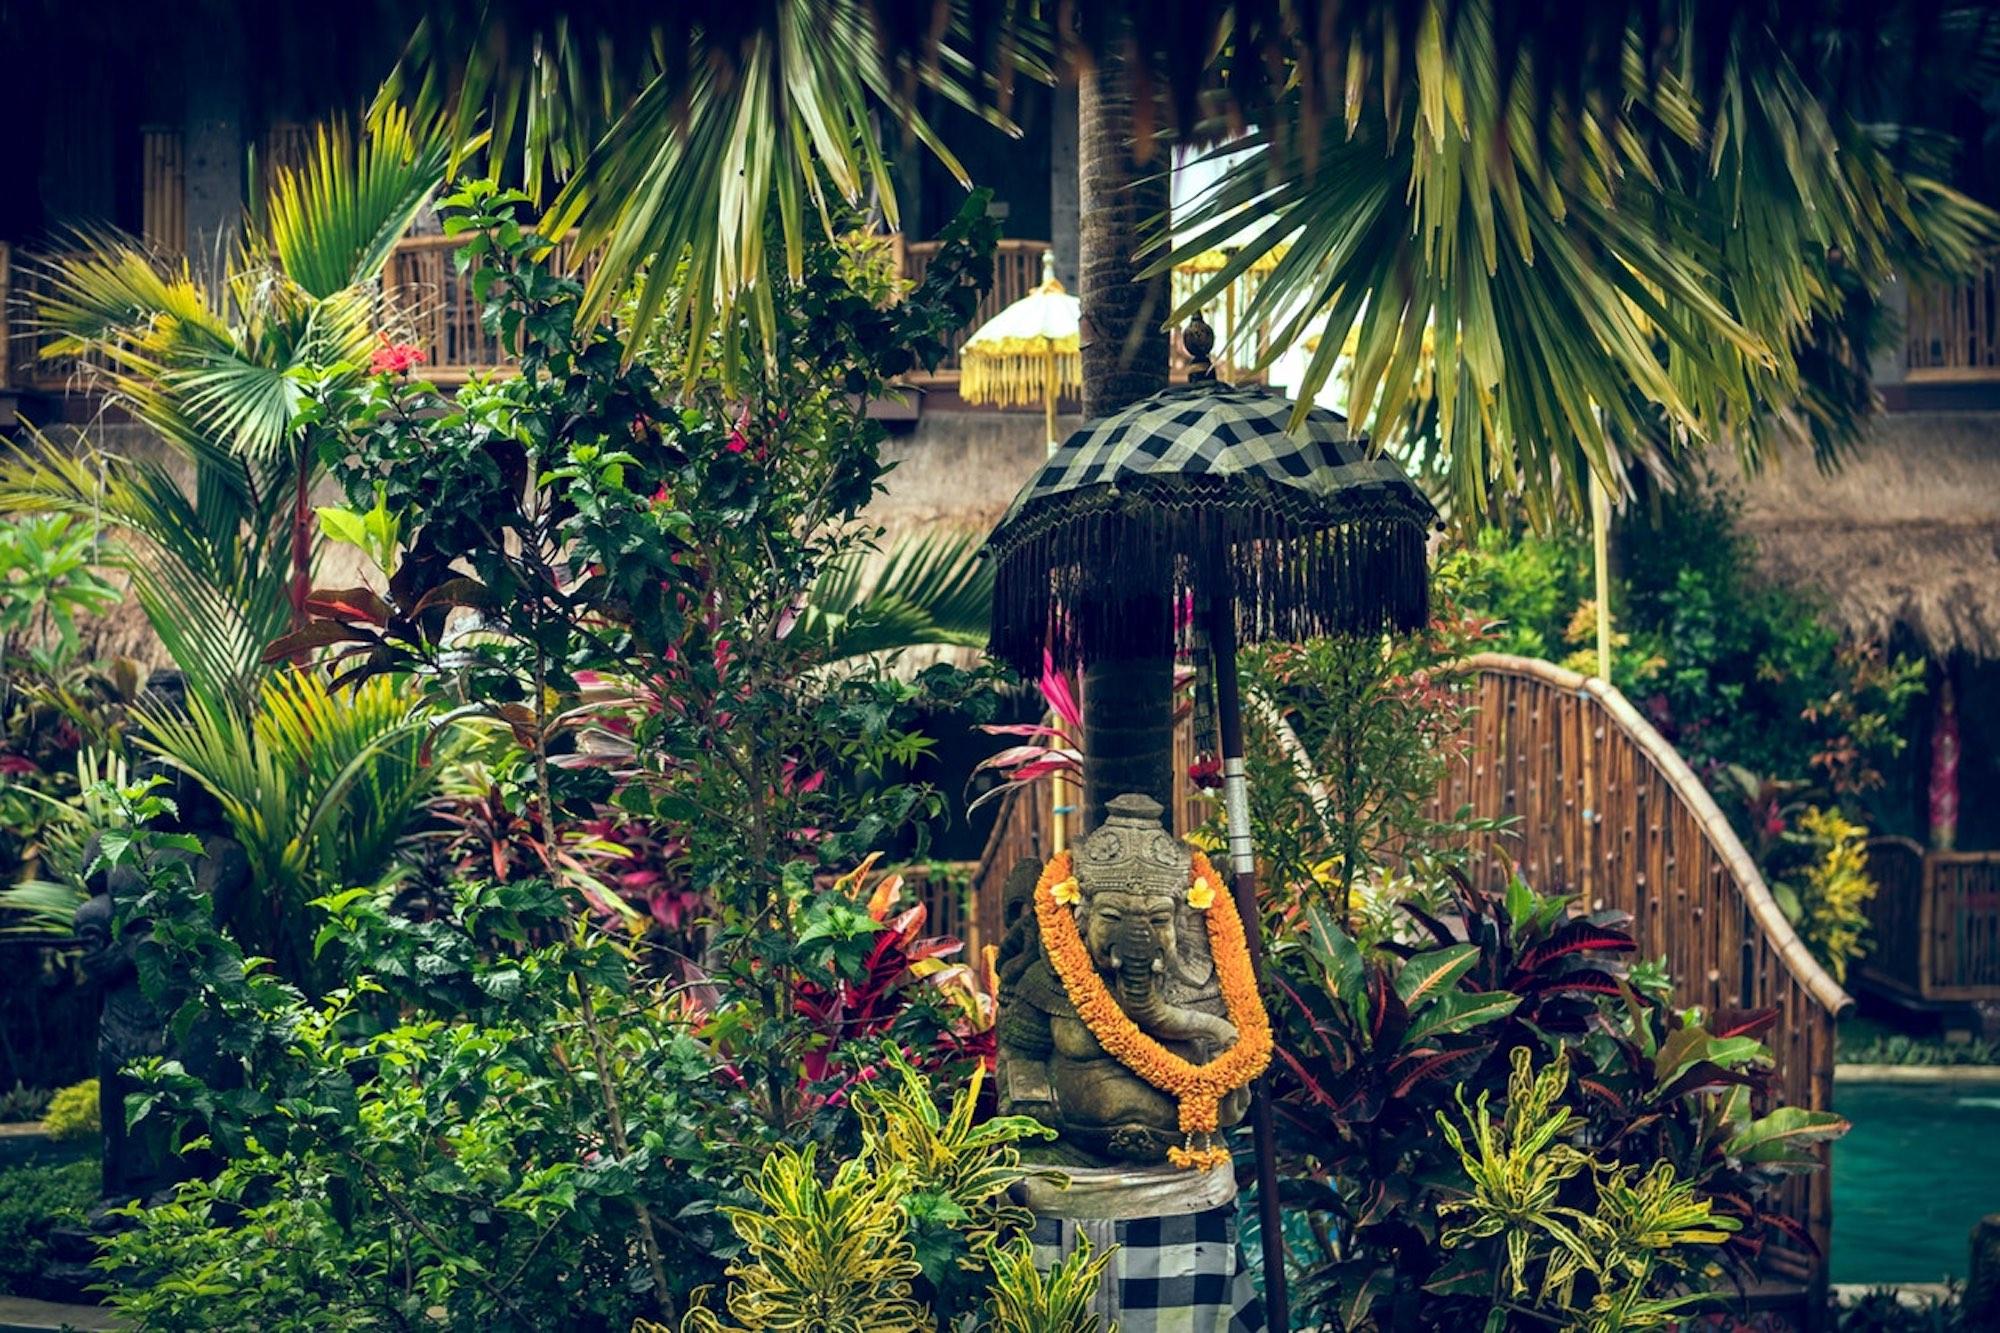 Hut Garden